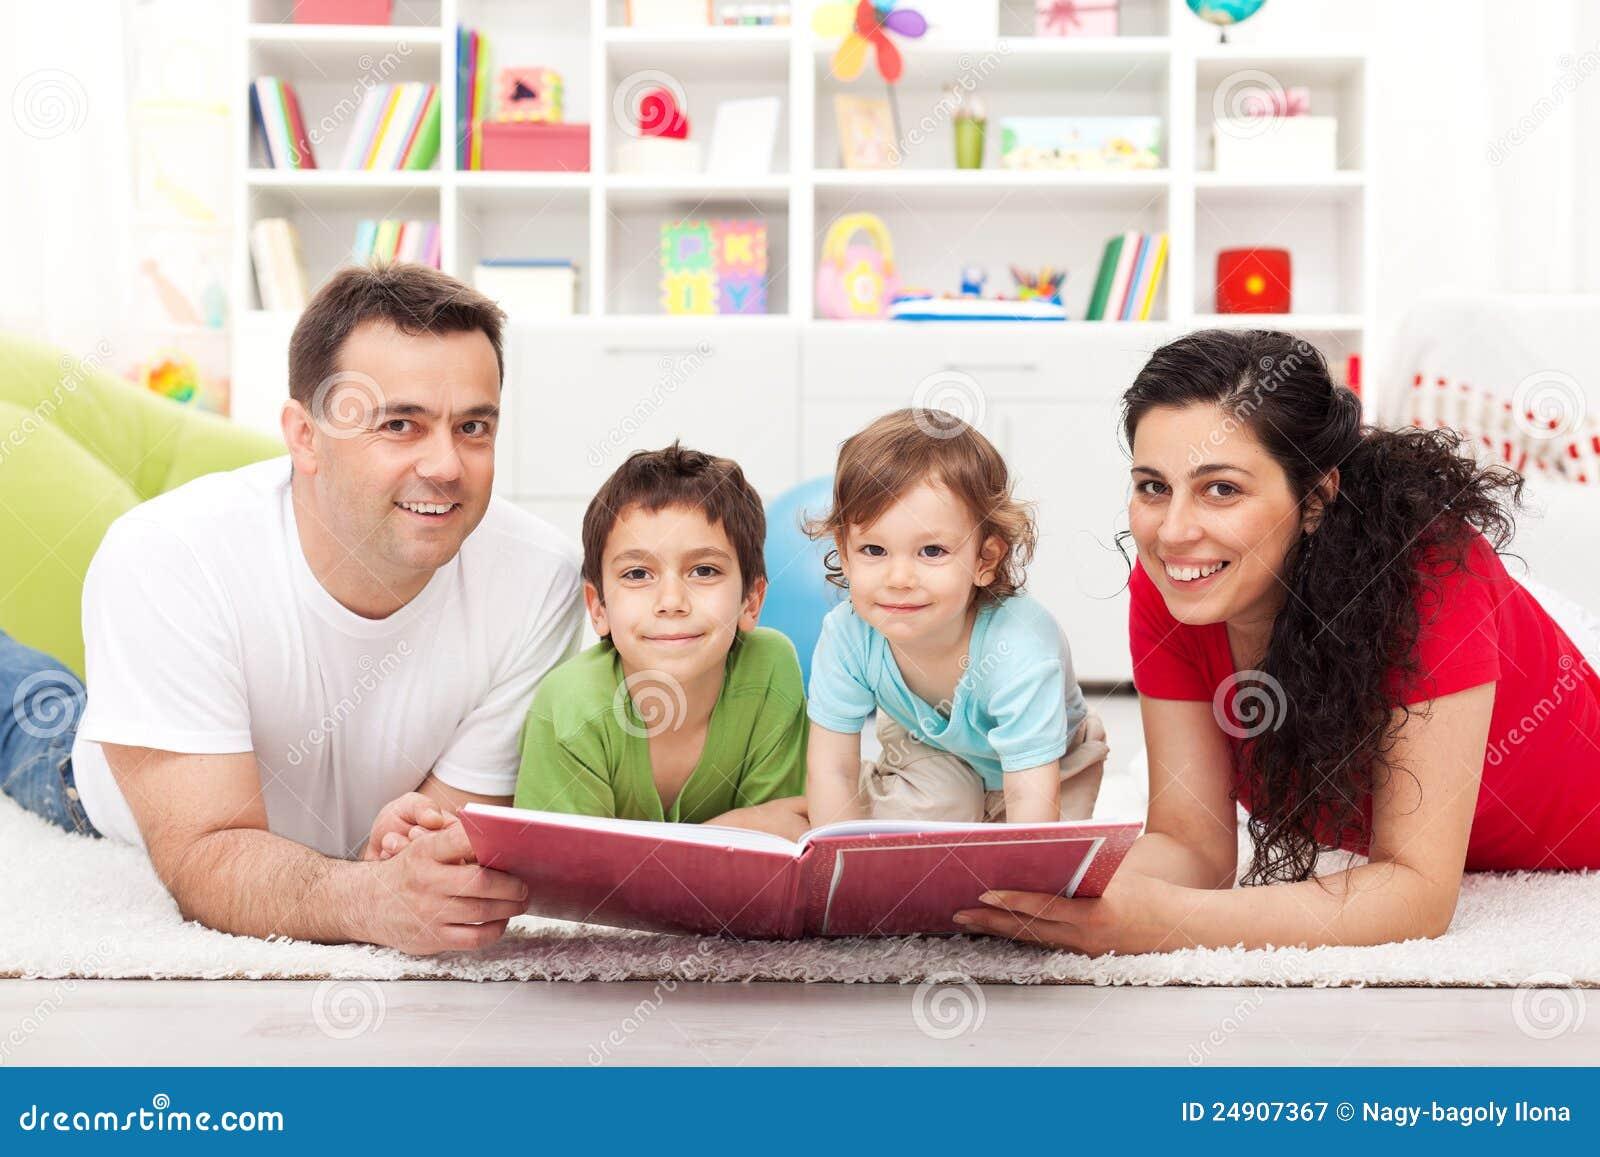 书系列开玩笑读取故事二年轻人